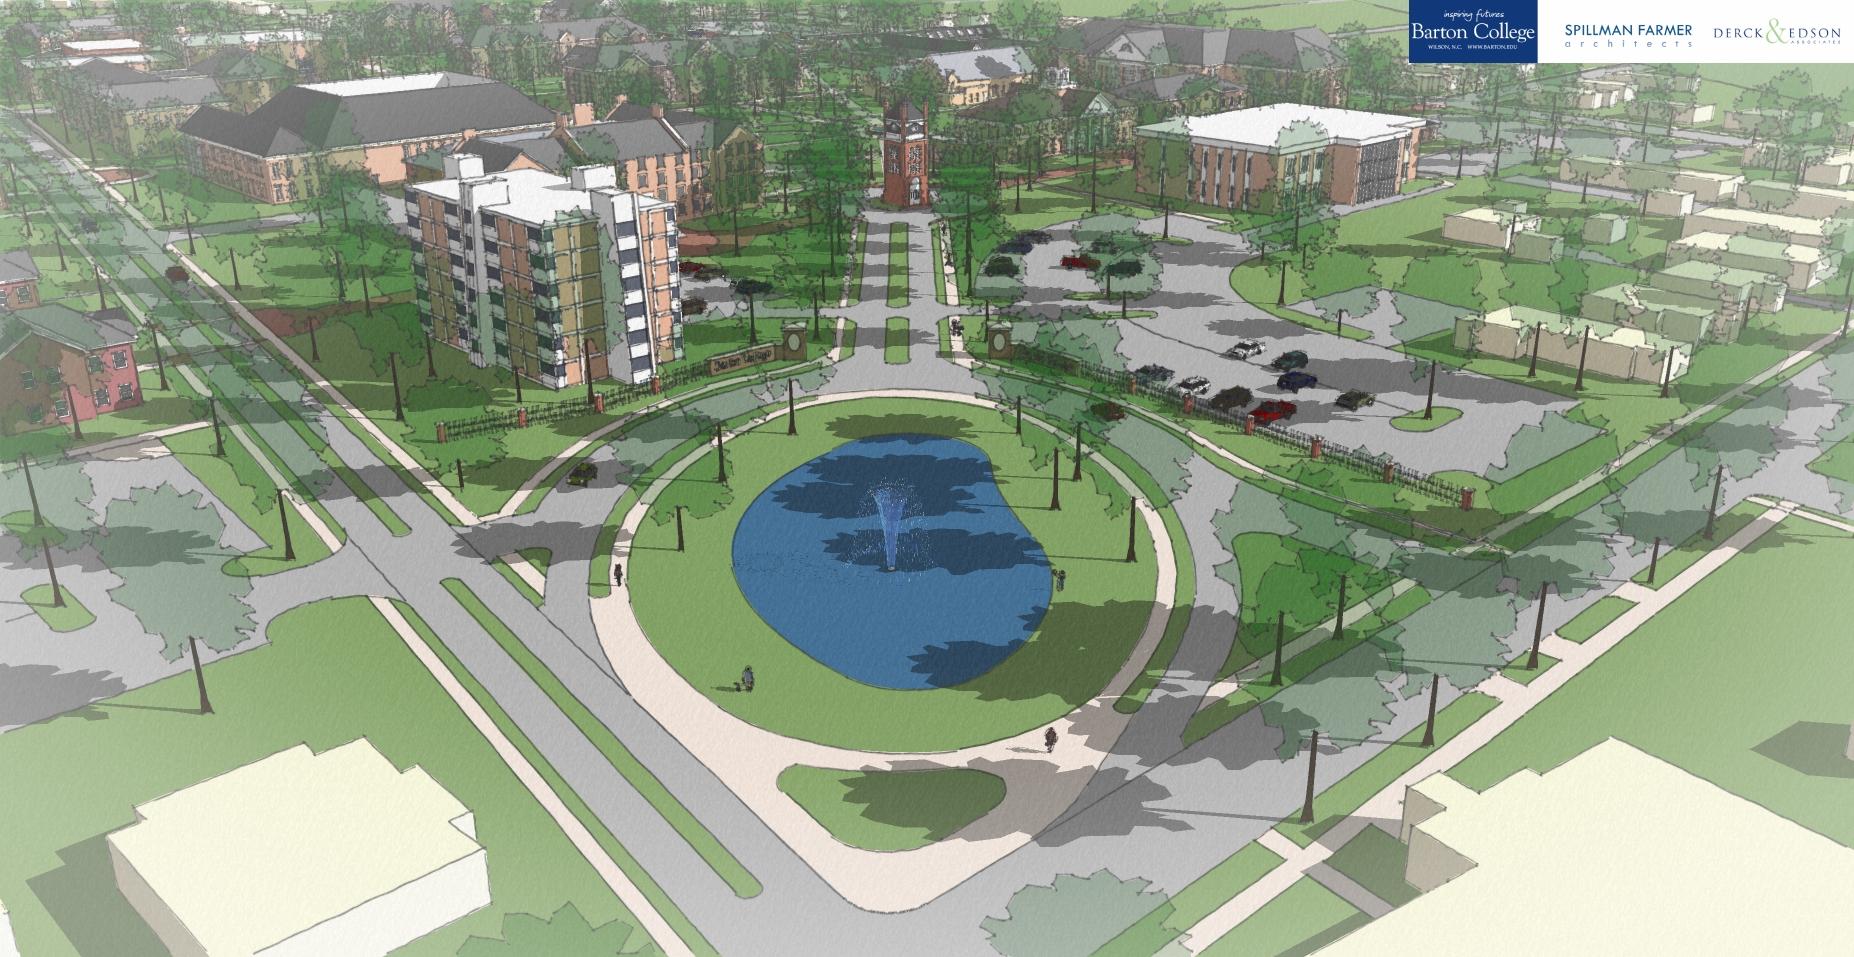 Barton College Master Plan - Scene 1